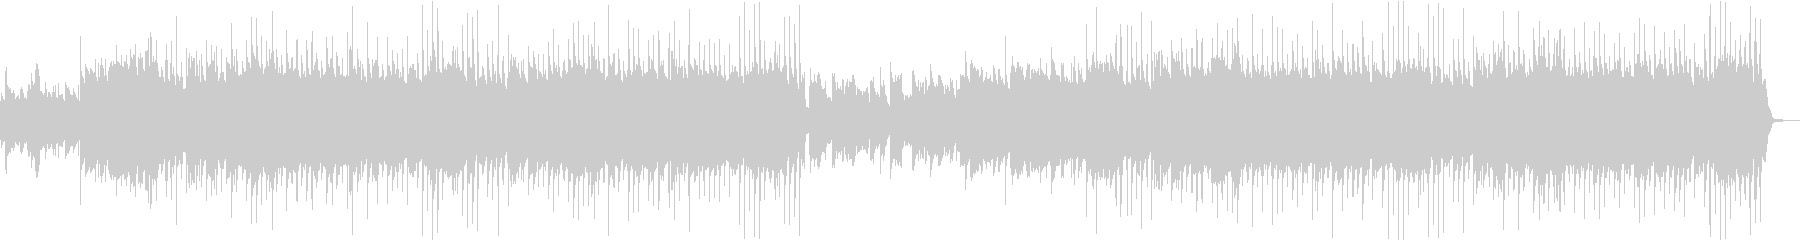 和楽器・口笛・ほのぼのした和風カントリーの未再生の波形